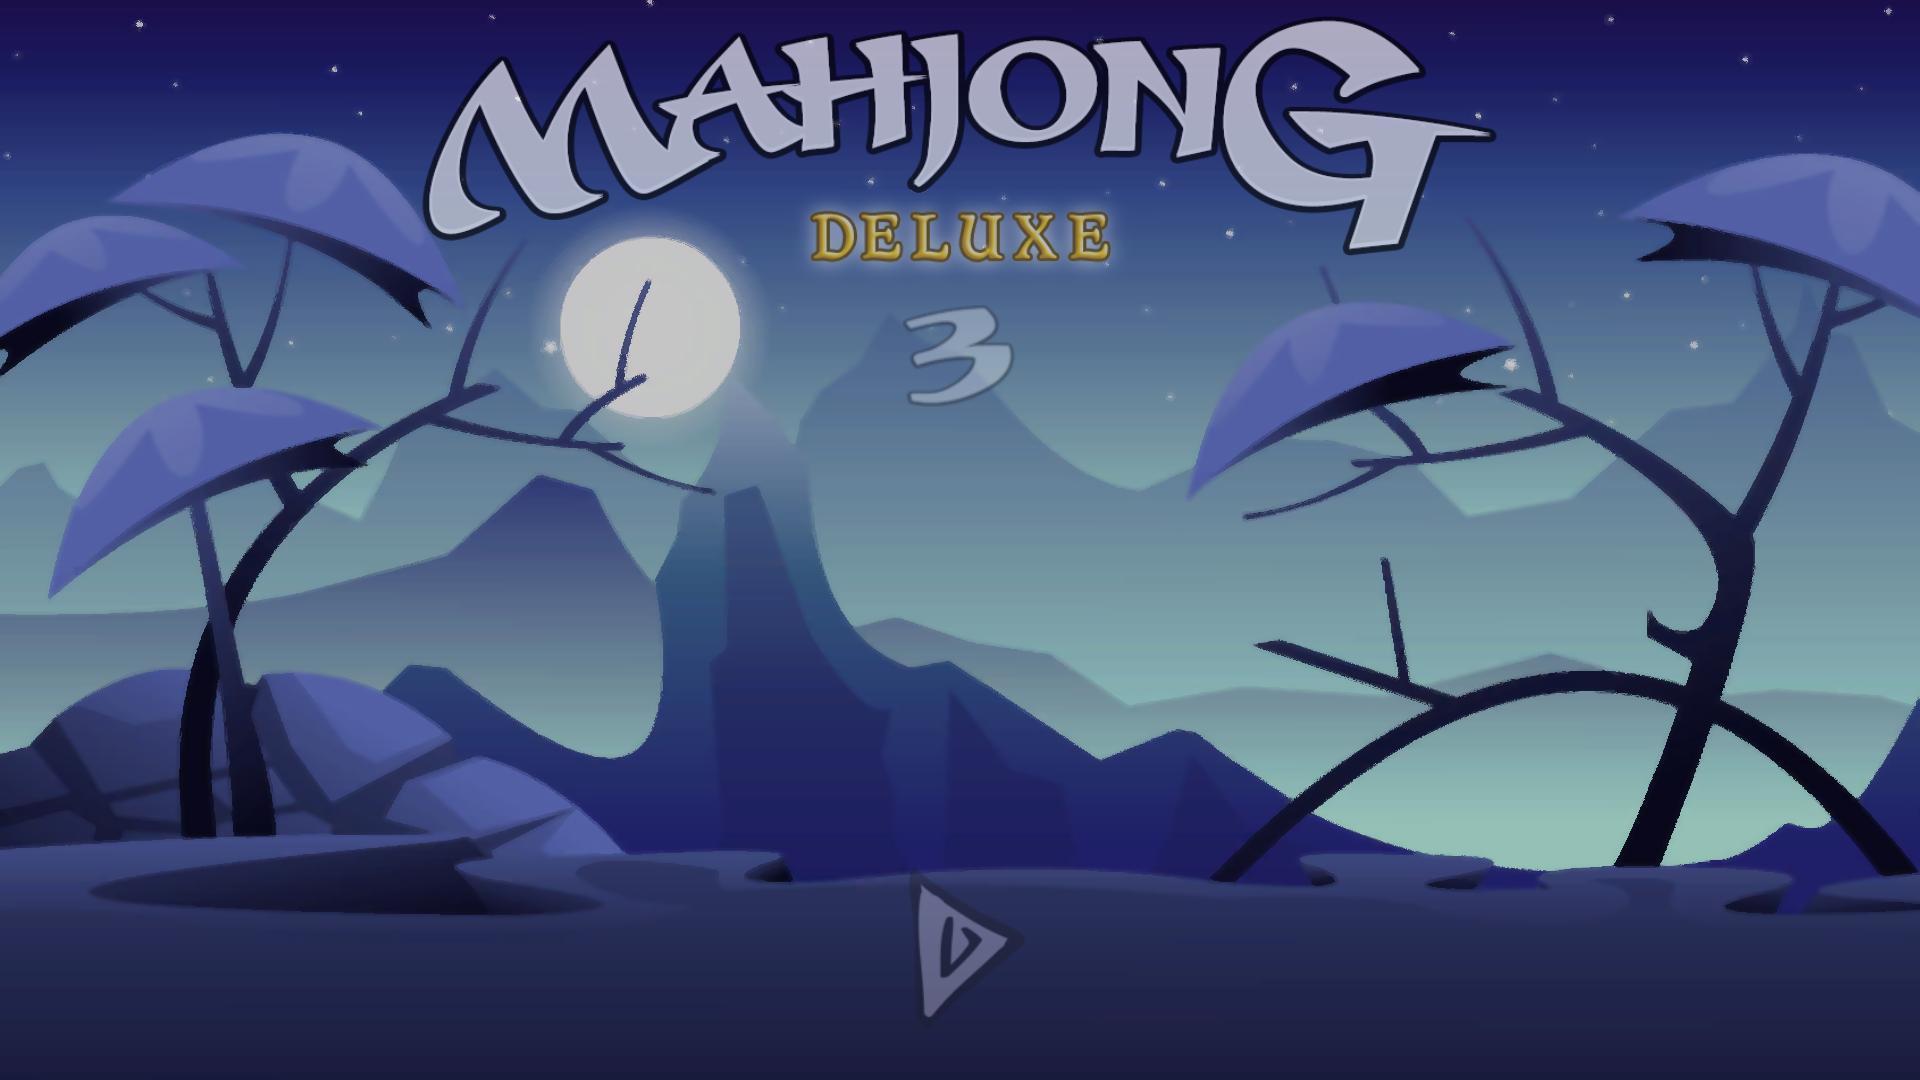 Великолепный Маджонг 3 | Mahjong Deluxe 3 (En)